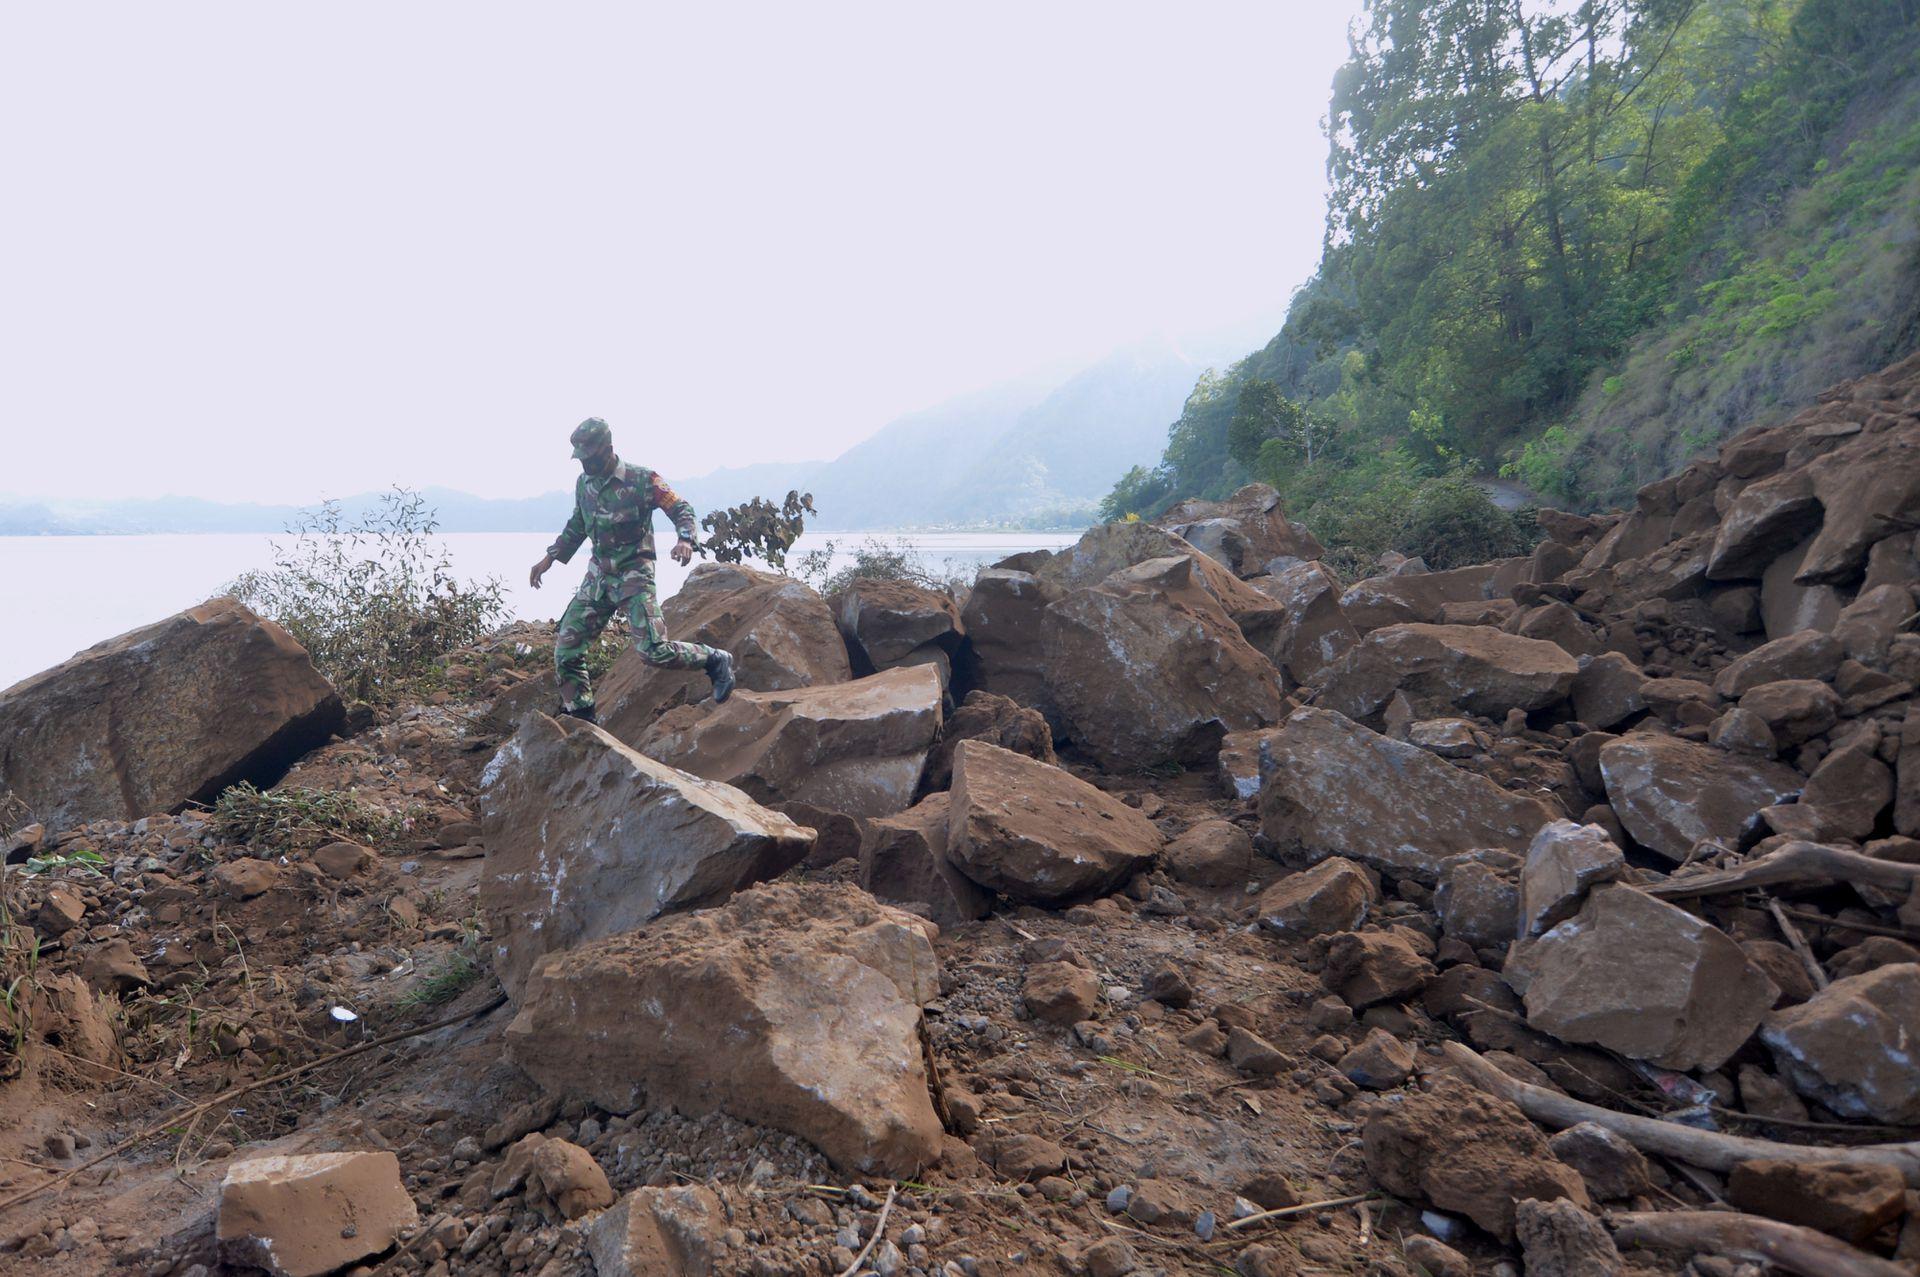 Balin az Agung vulkán közelében halálos áldozatokat követelt a 4,8-as földrengés